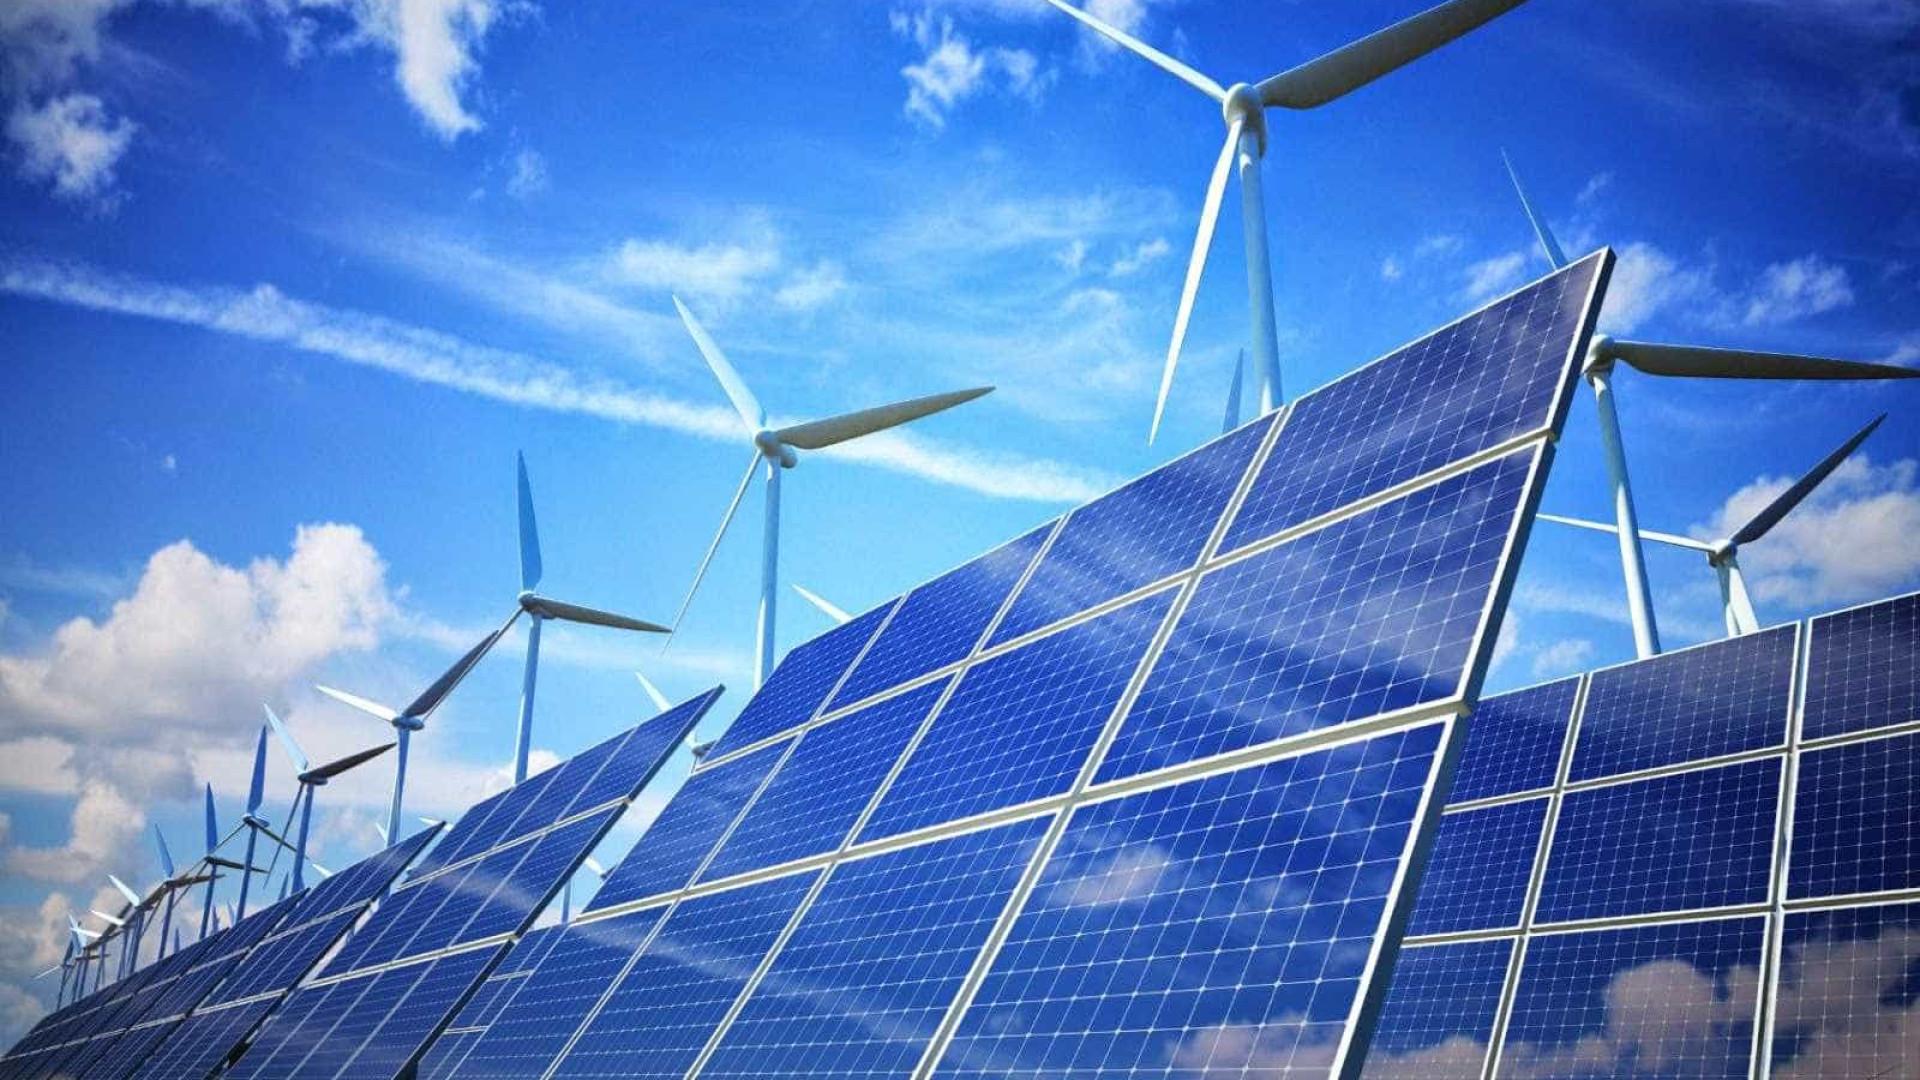 Energias renováveis mantêm crescimento e abrem vagas durante a pandemia